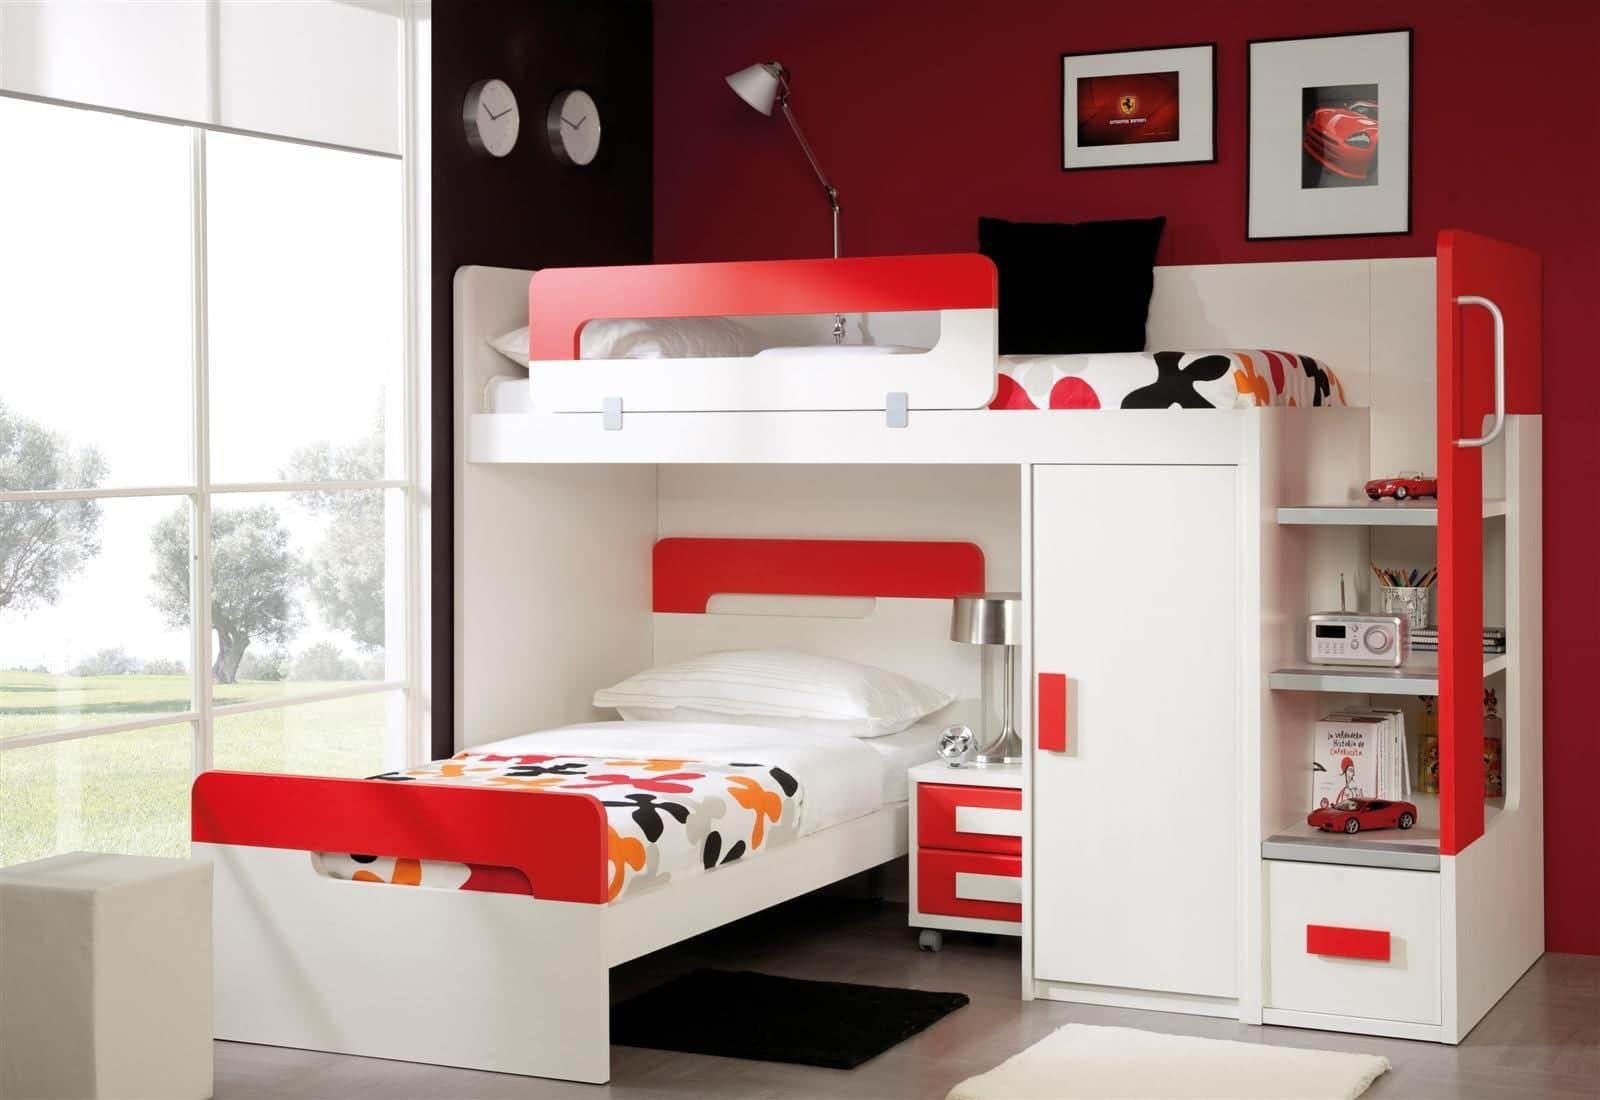 El mejor mobiliario para habitaciones infantiles y juveniles Mobiliario para espacios reducidos